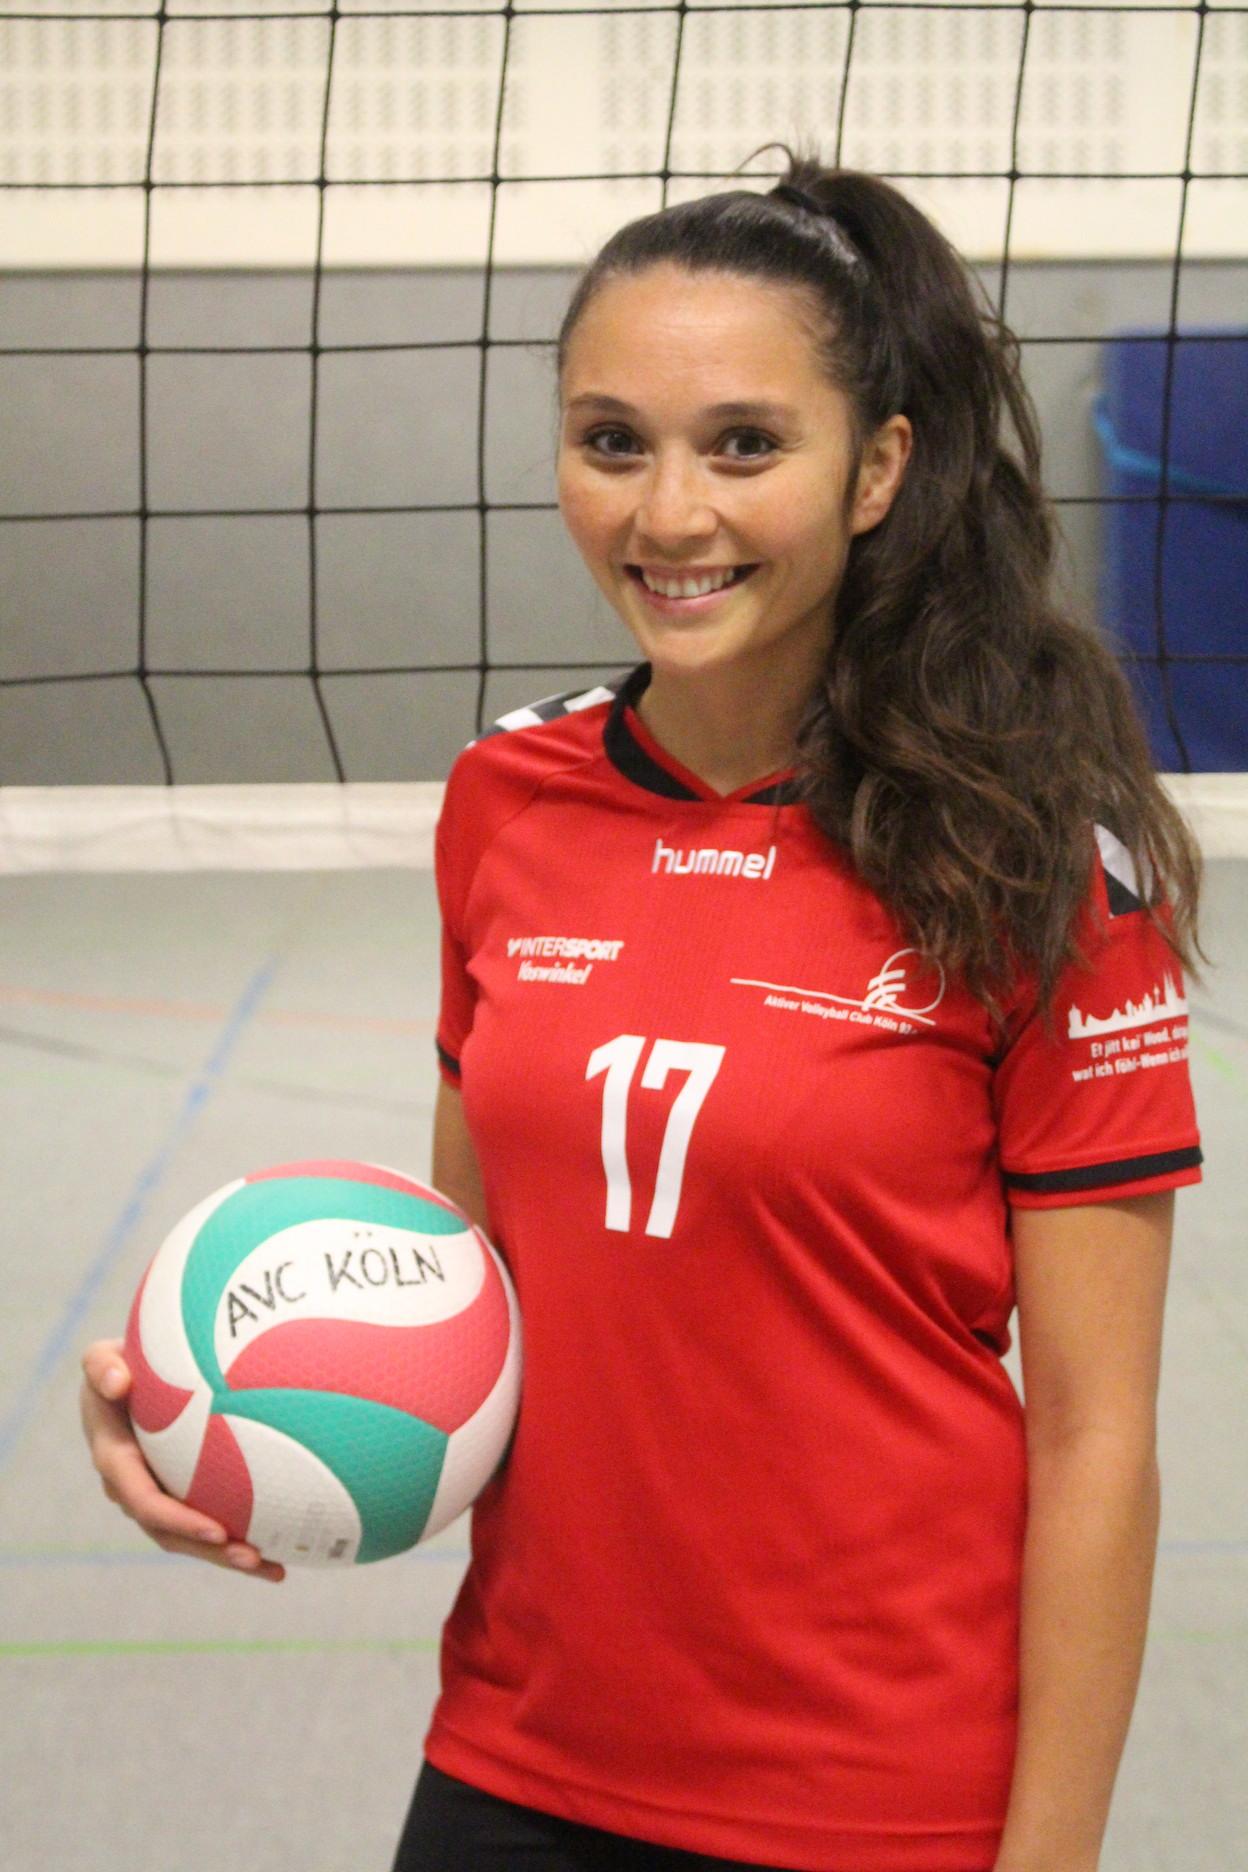 Rosalyn Noerz